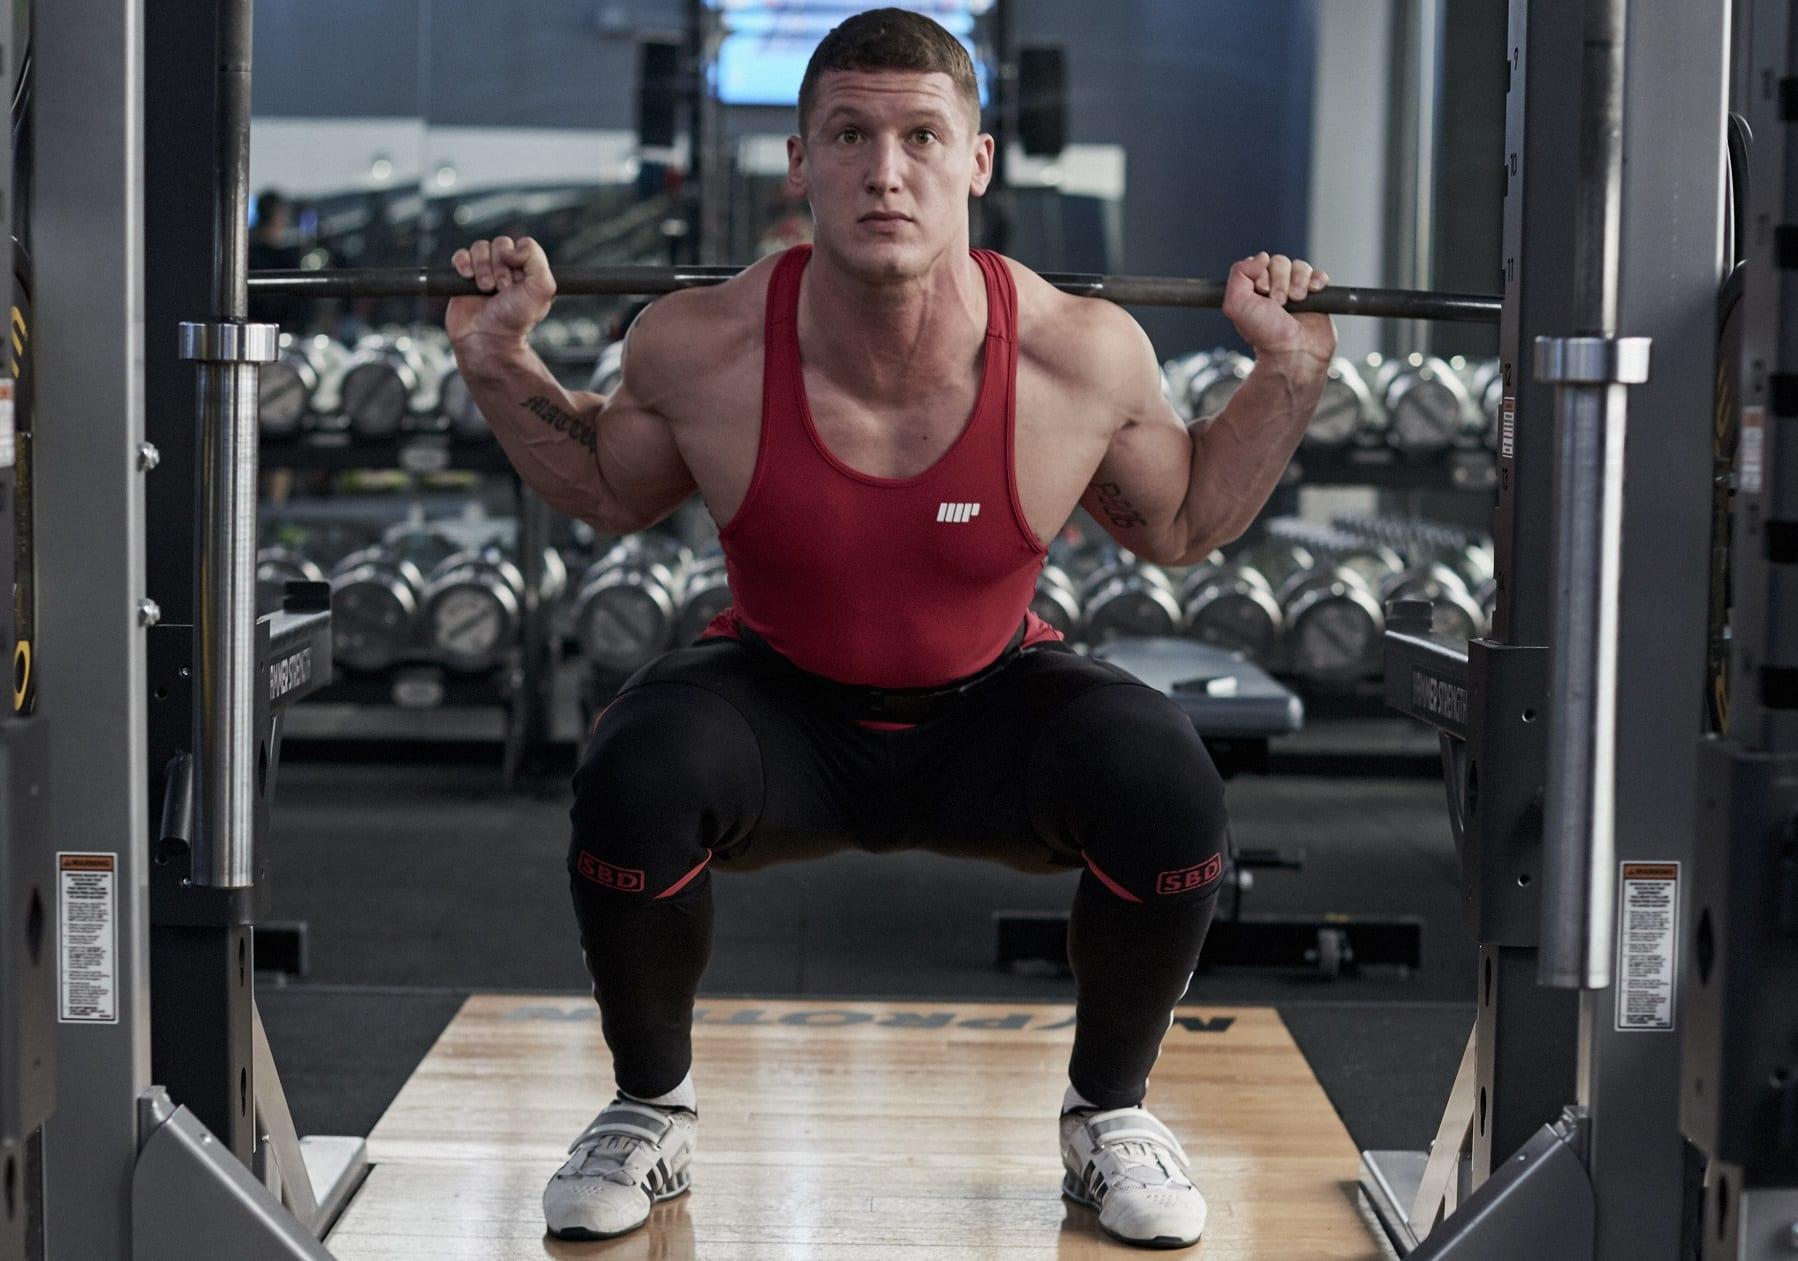 Erfolgreich Muskeln aufbauen - Tipp 3: Arbeite mit hohen Gewichten